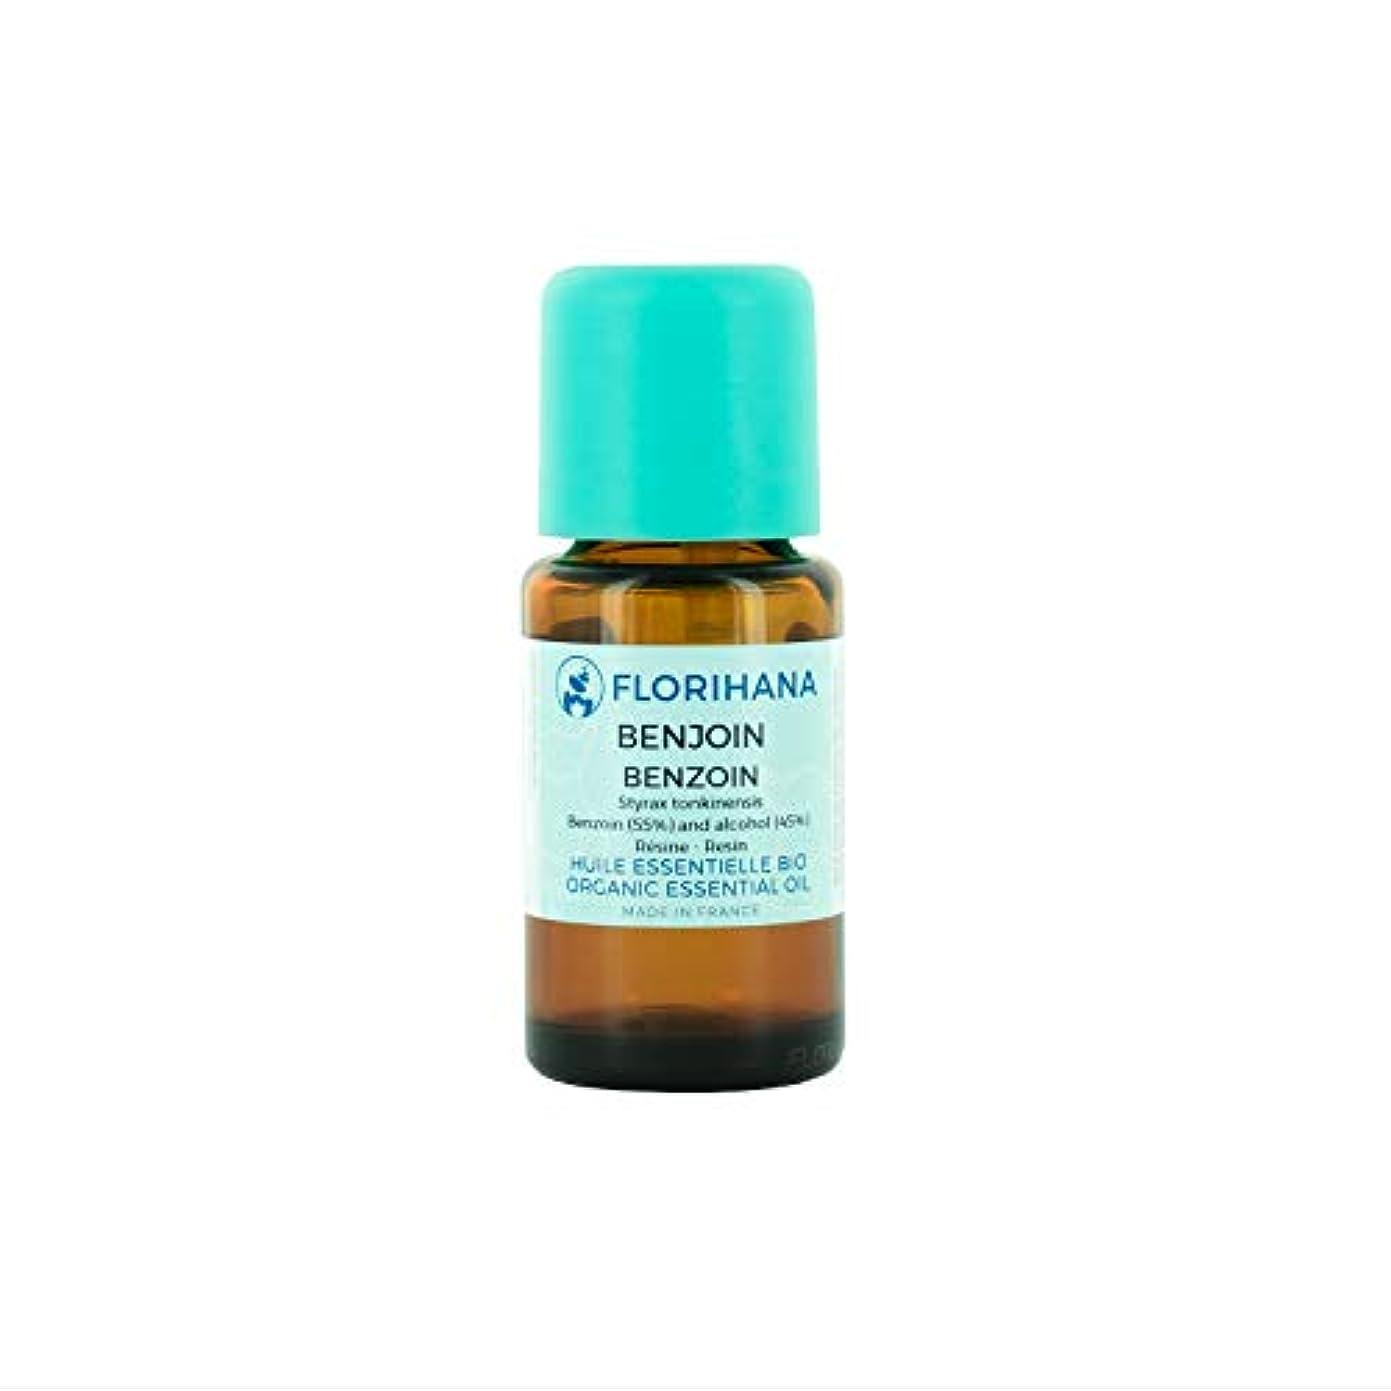 評決電圧動作Florihana オーガニックエッセンシャルオイル ベンゾイン 15g(15ml)